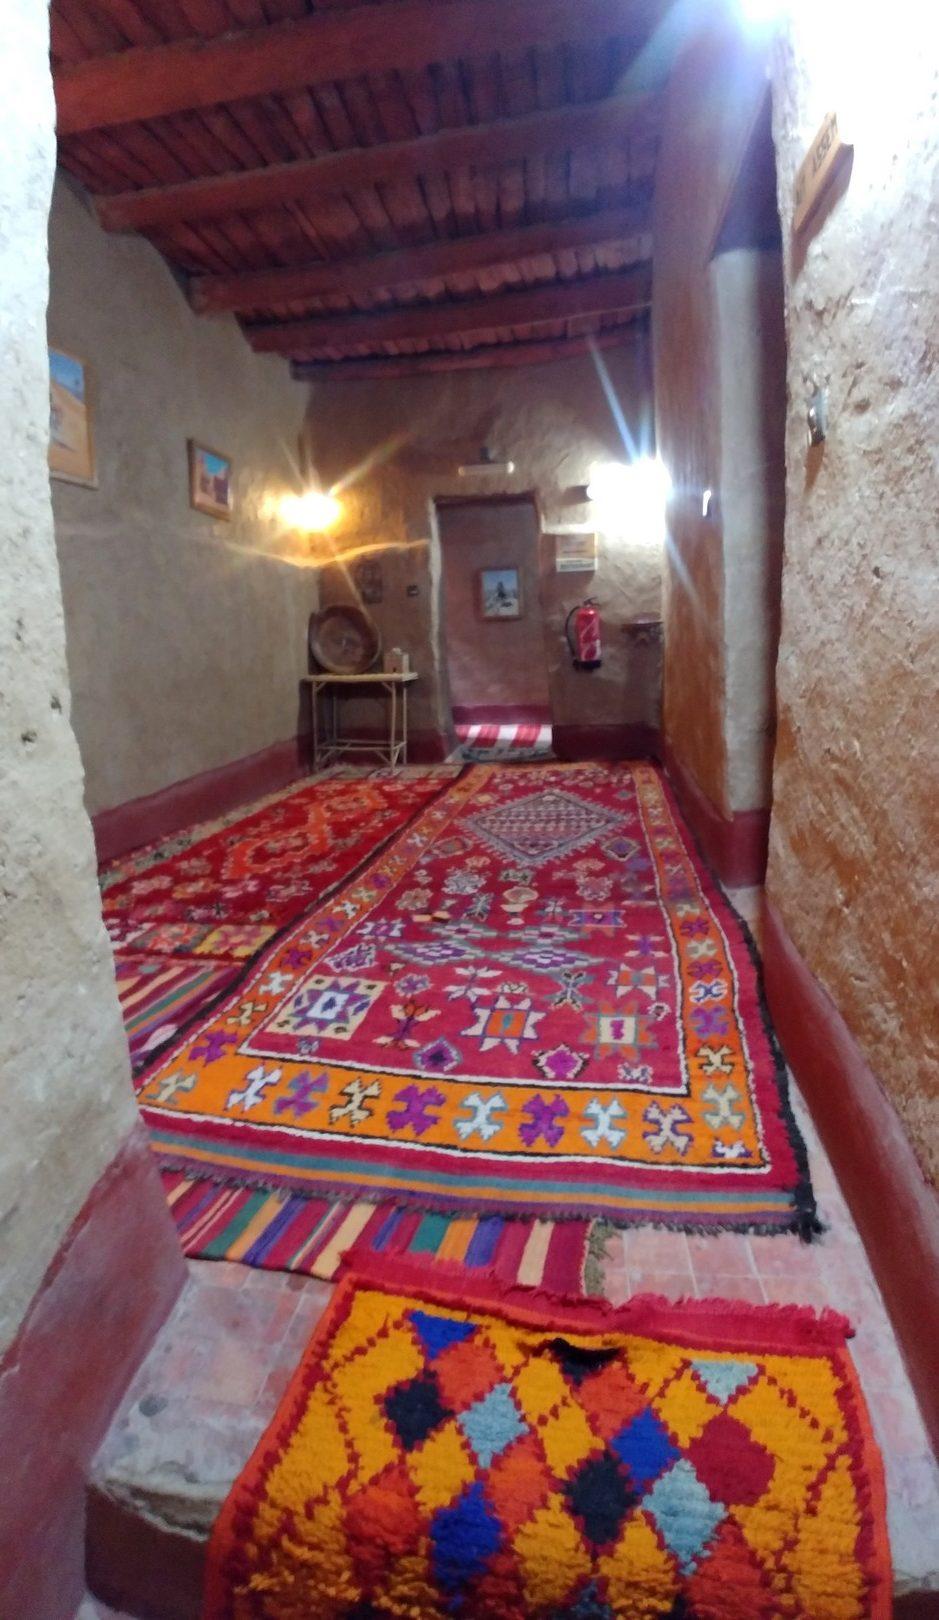 Maroc - Notre guesthouse dans le ksar de Tinejdad